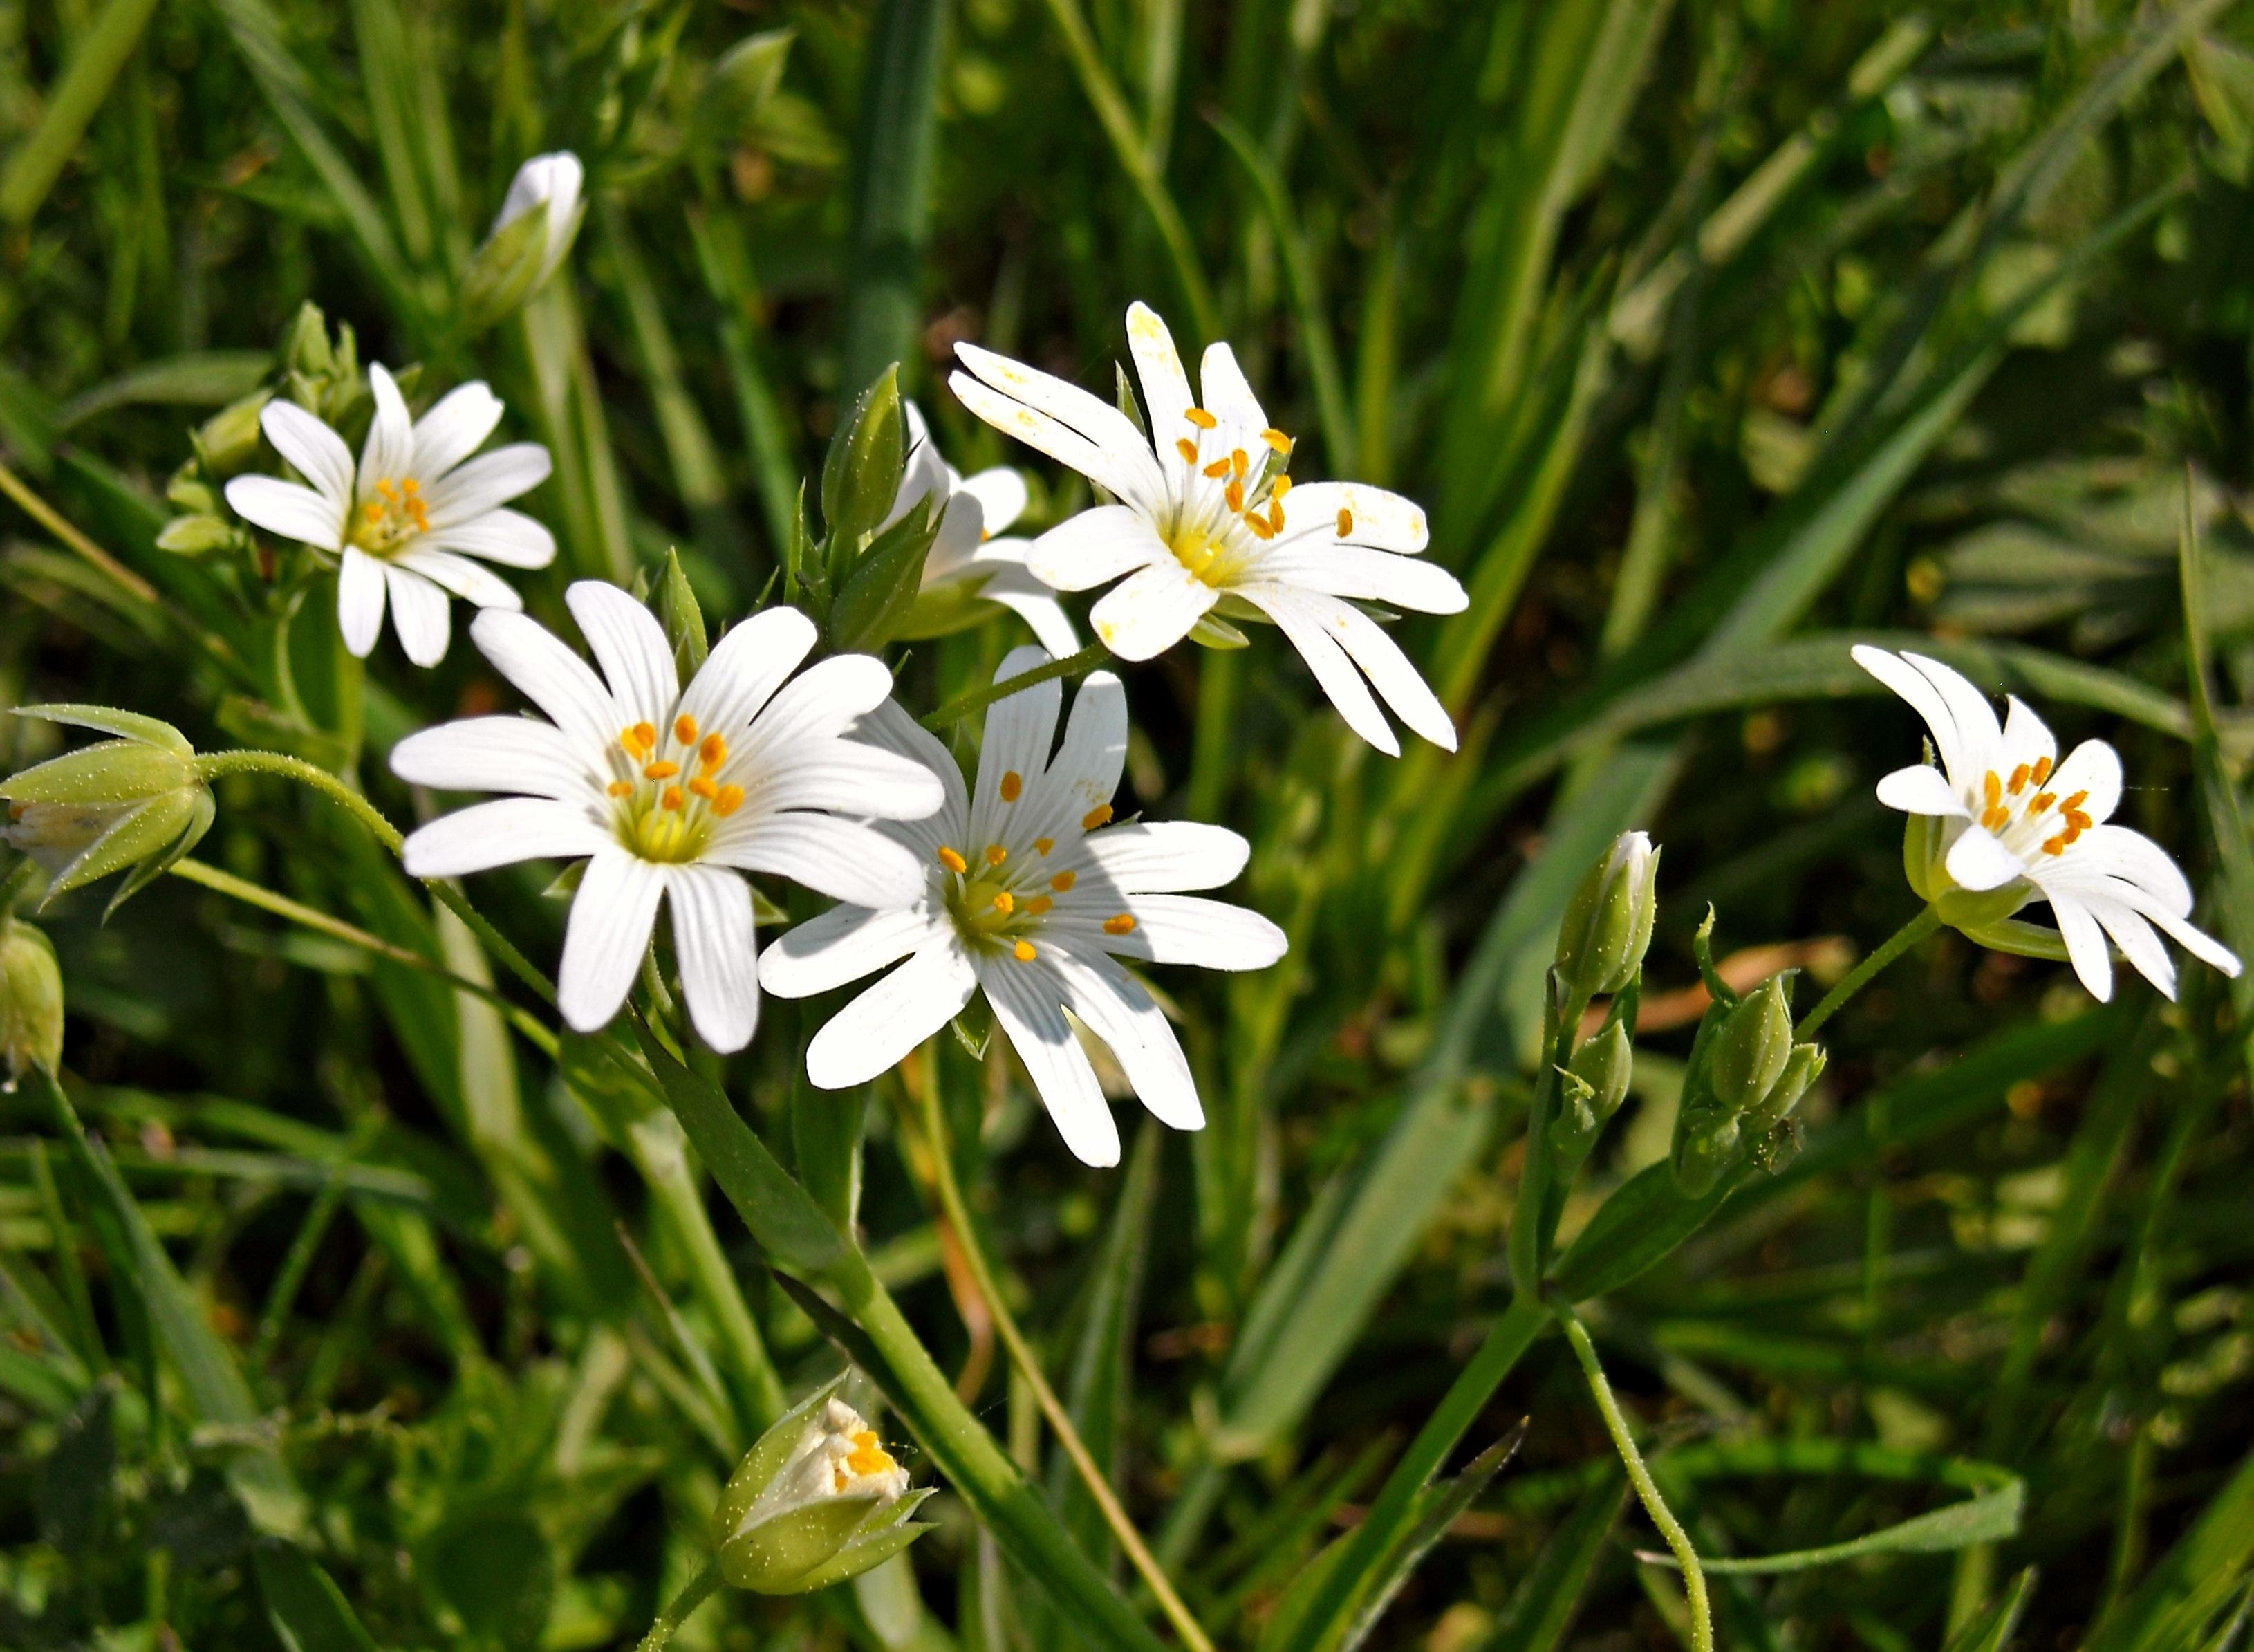 Fotos Gratis Naturaleza Cesped Prado Verde Botanica Flora